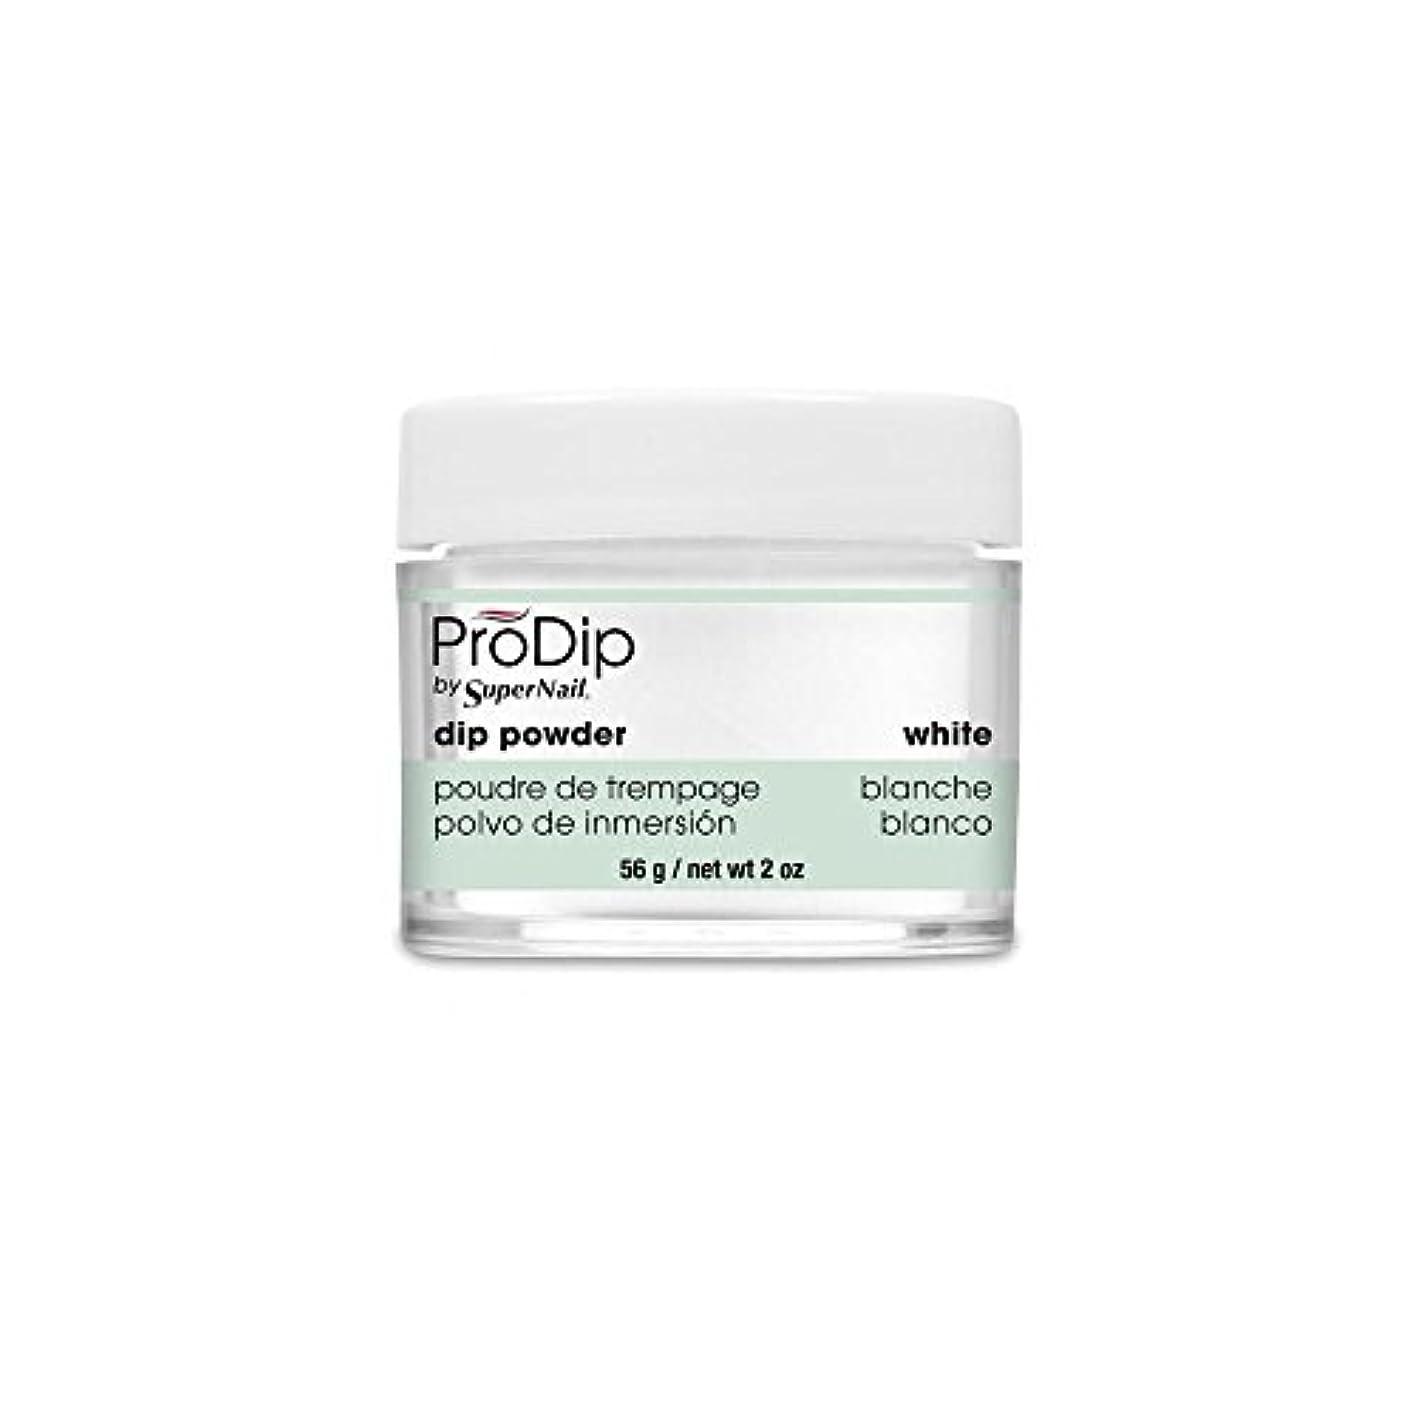 スタイル詐欺勘違いするSuperNail - ProDip - Dip Powder - White - 56 g/2 oz